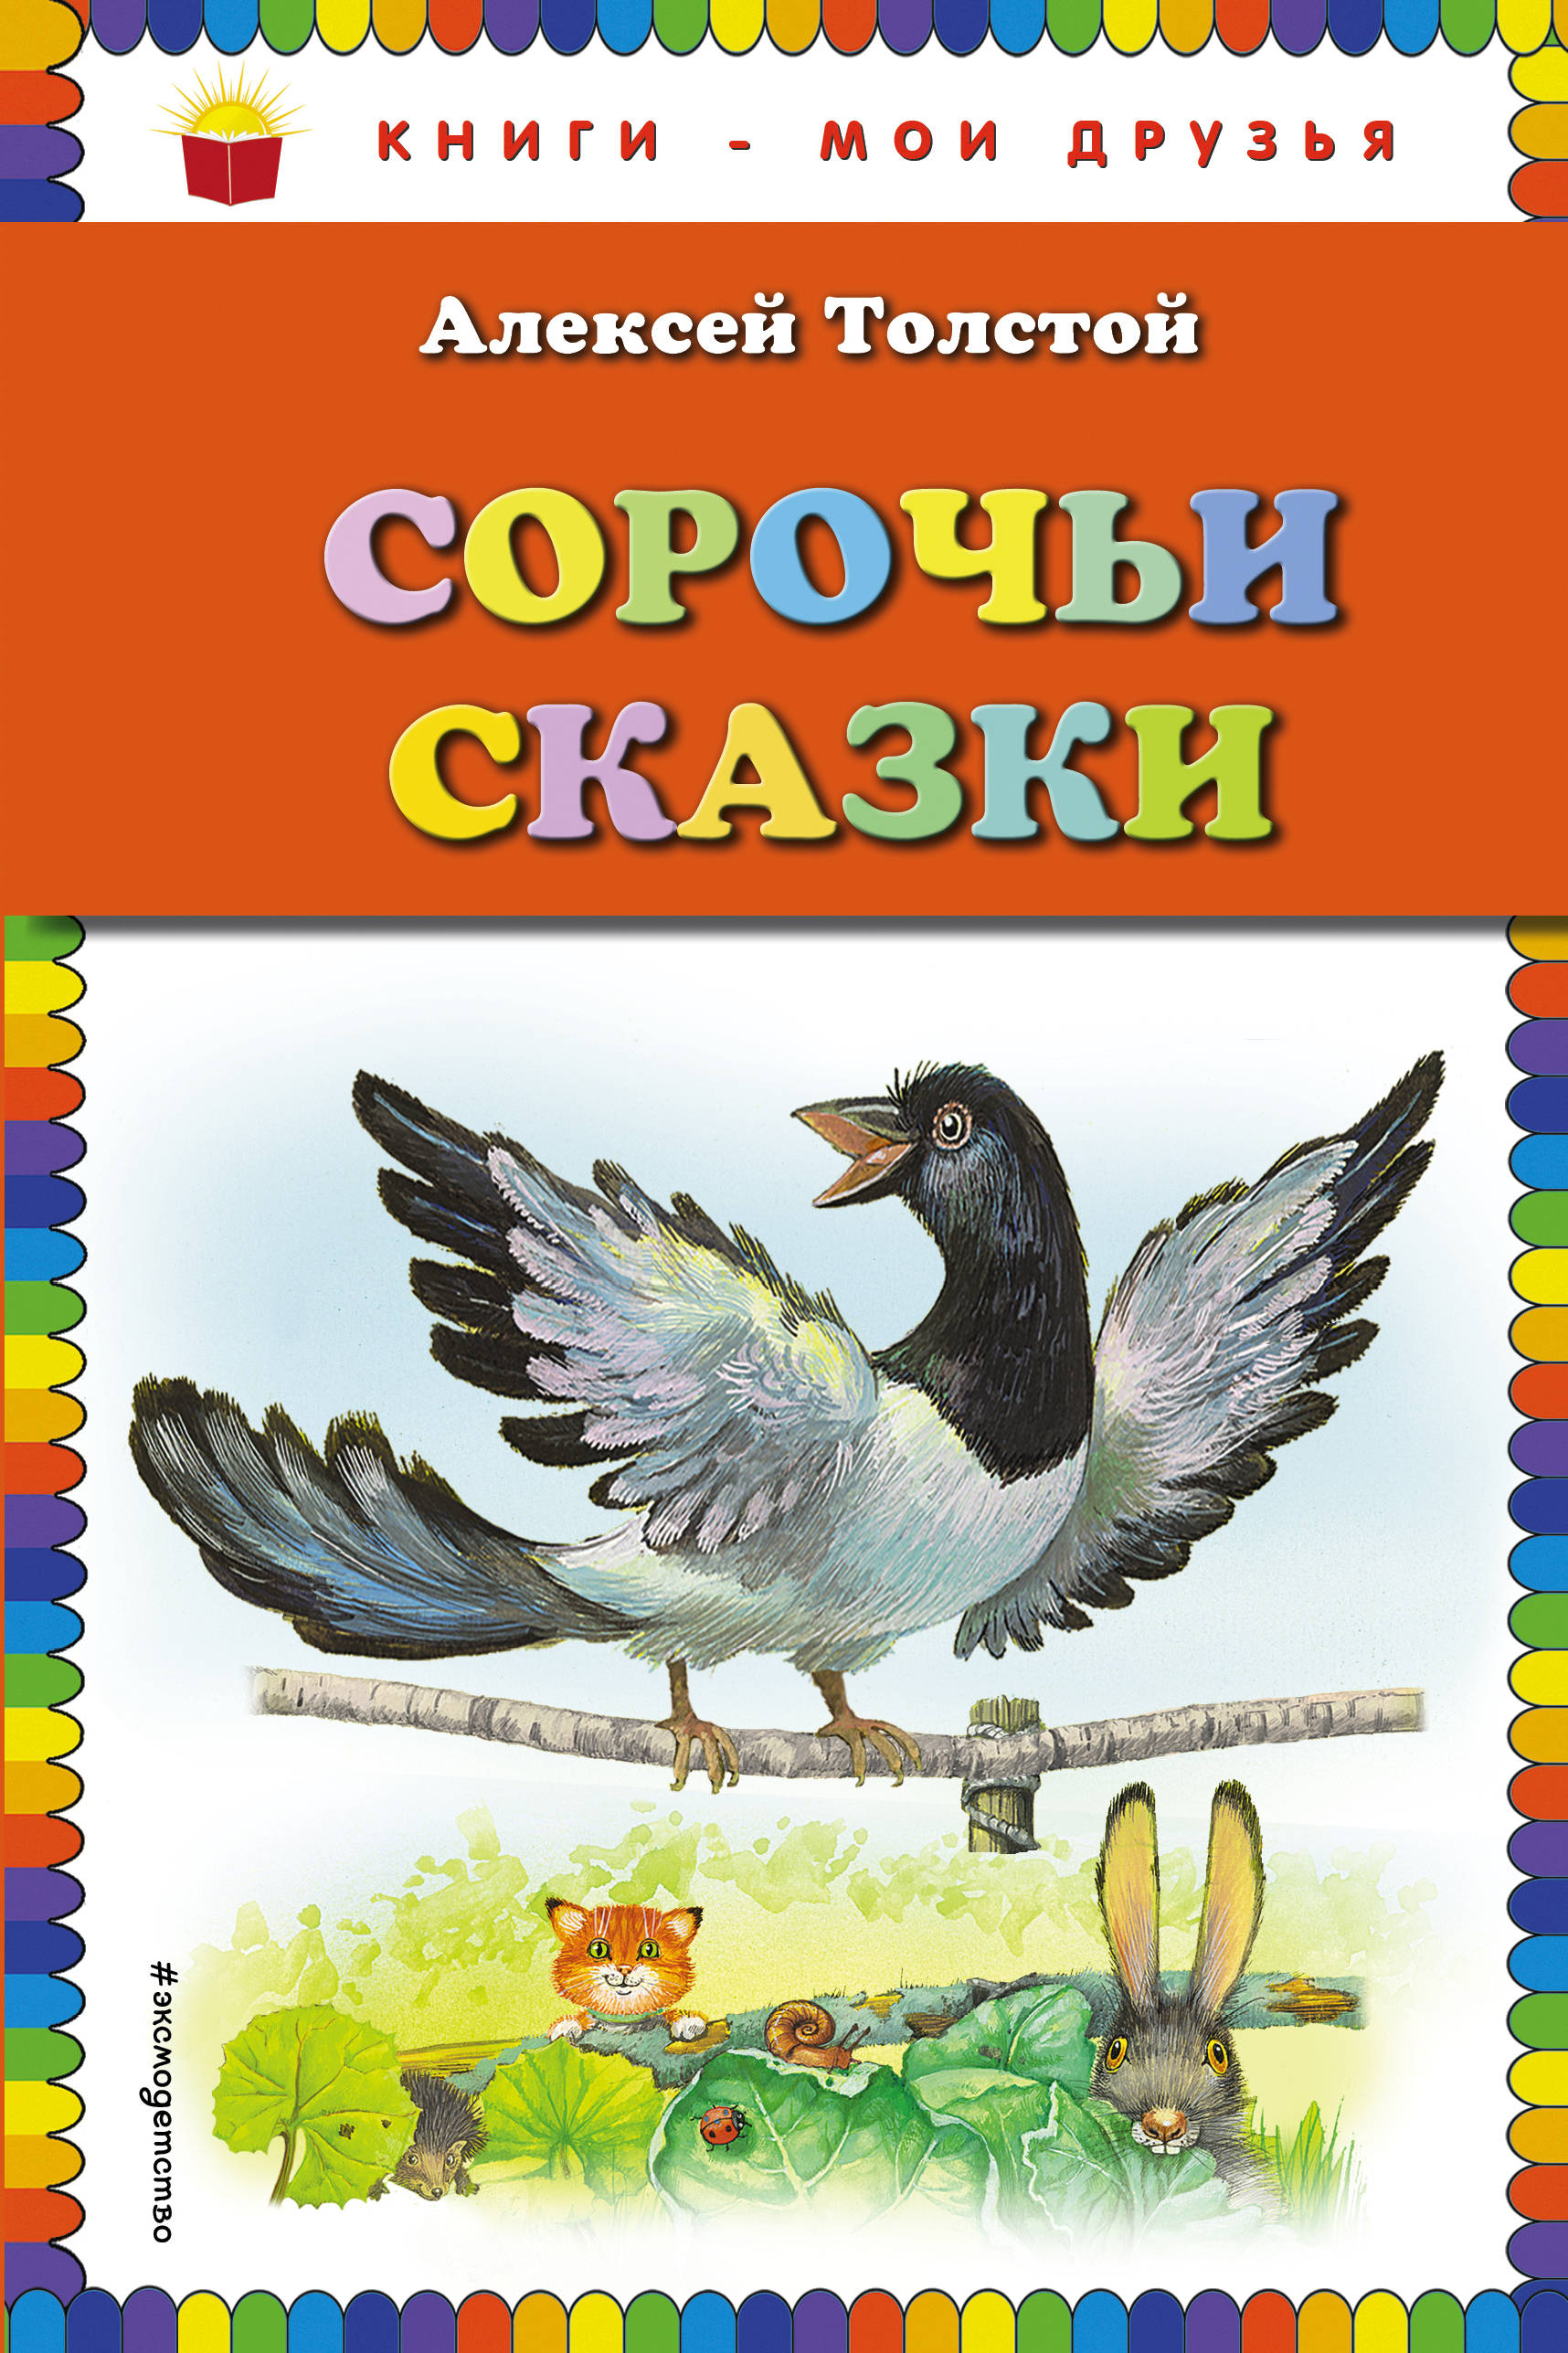 Толстой Алексей Николаевич Сорочьи сказки толстой а сорочьи сказки